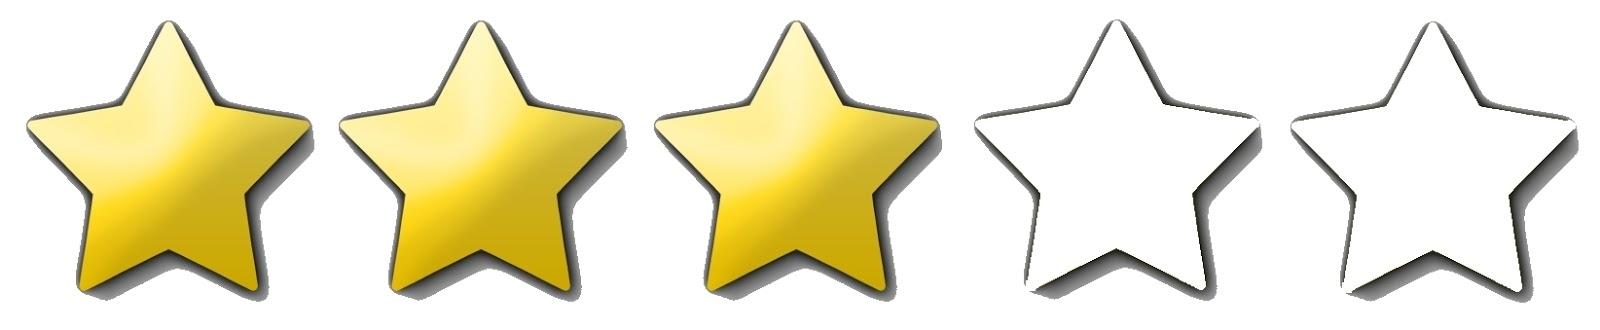 Risultati immagini per rating 3 stars